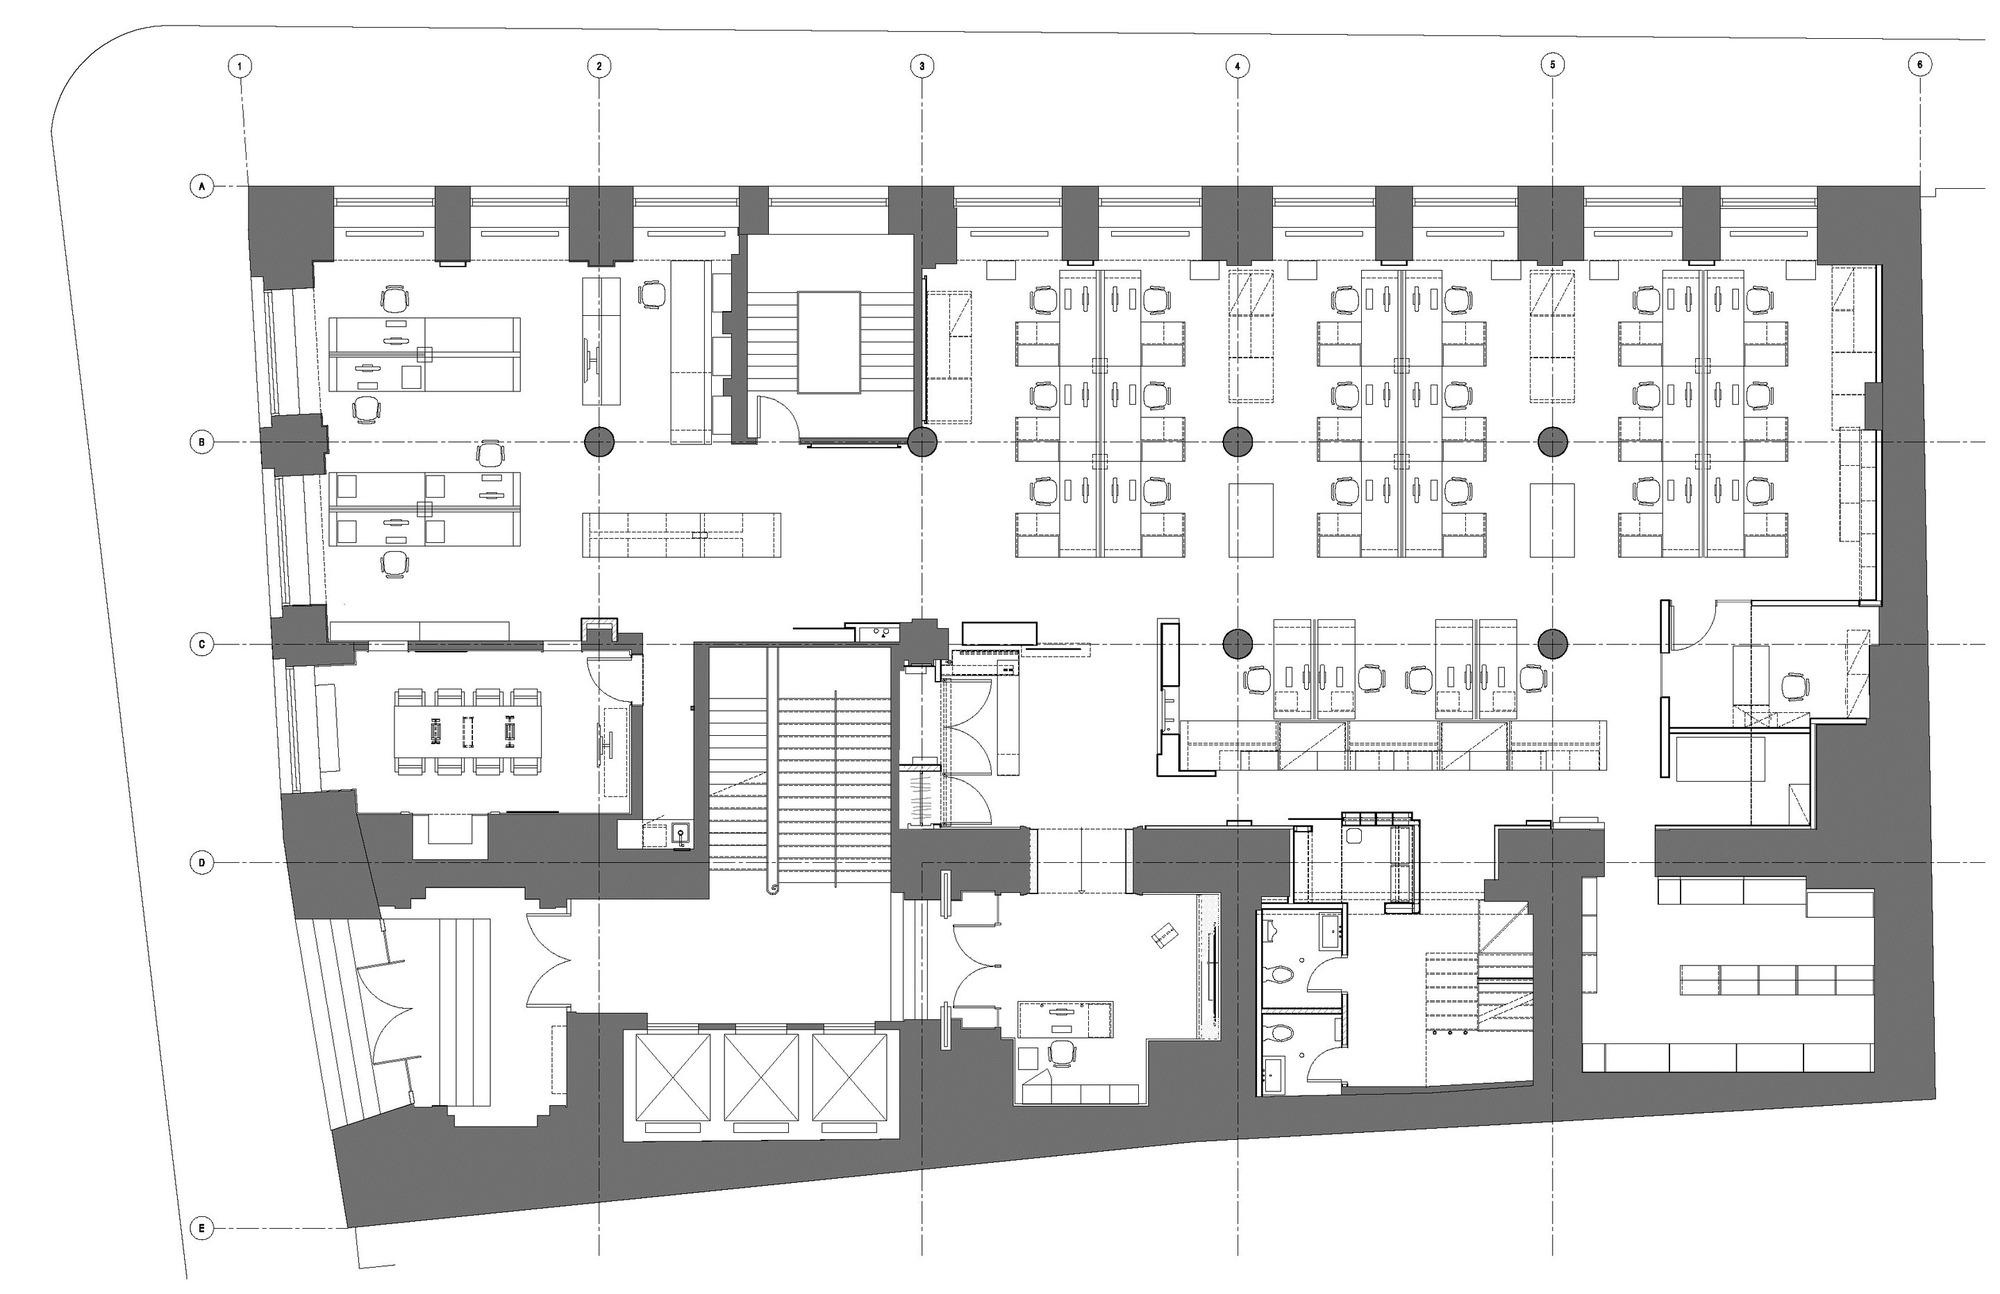 galer a de bureau 100 nfoe et associ s architectes 8. Black Bedroom Furniture Sets. Home Design Ideas